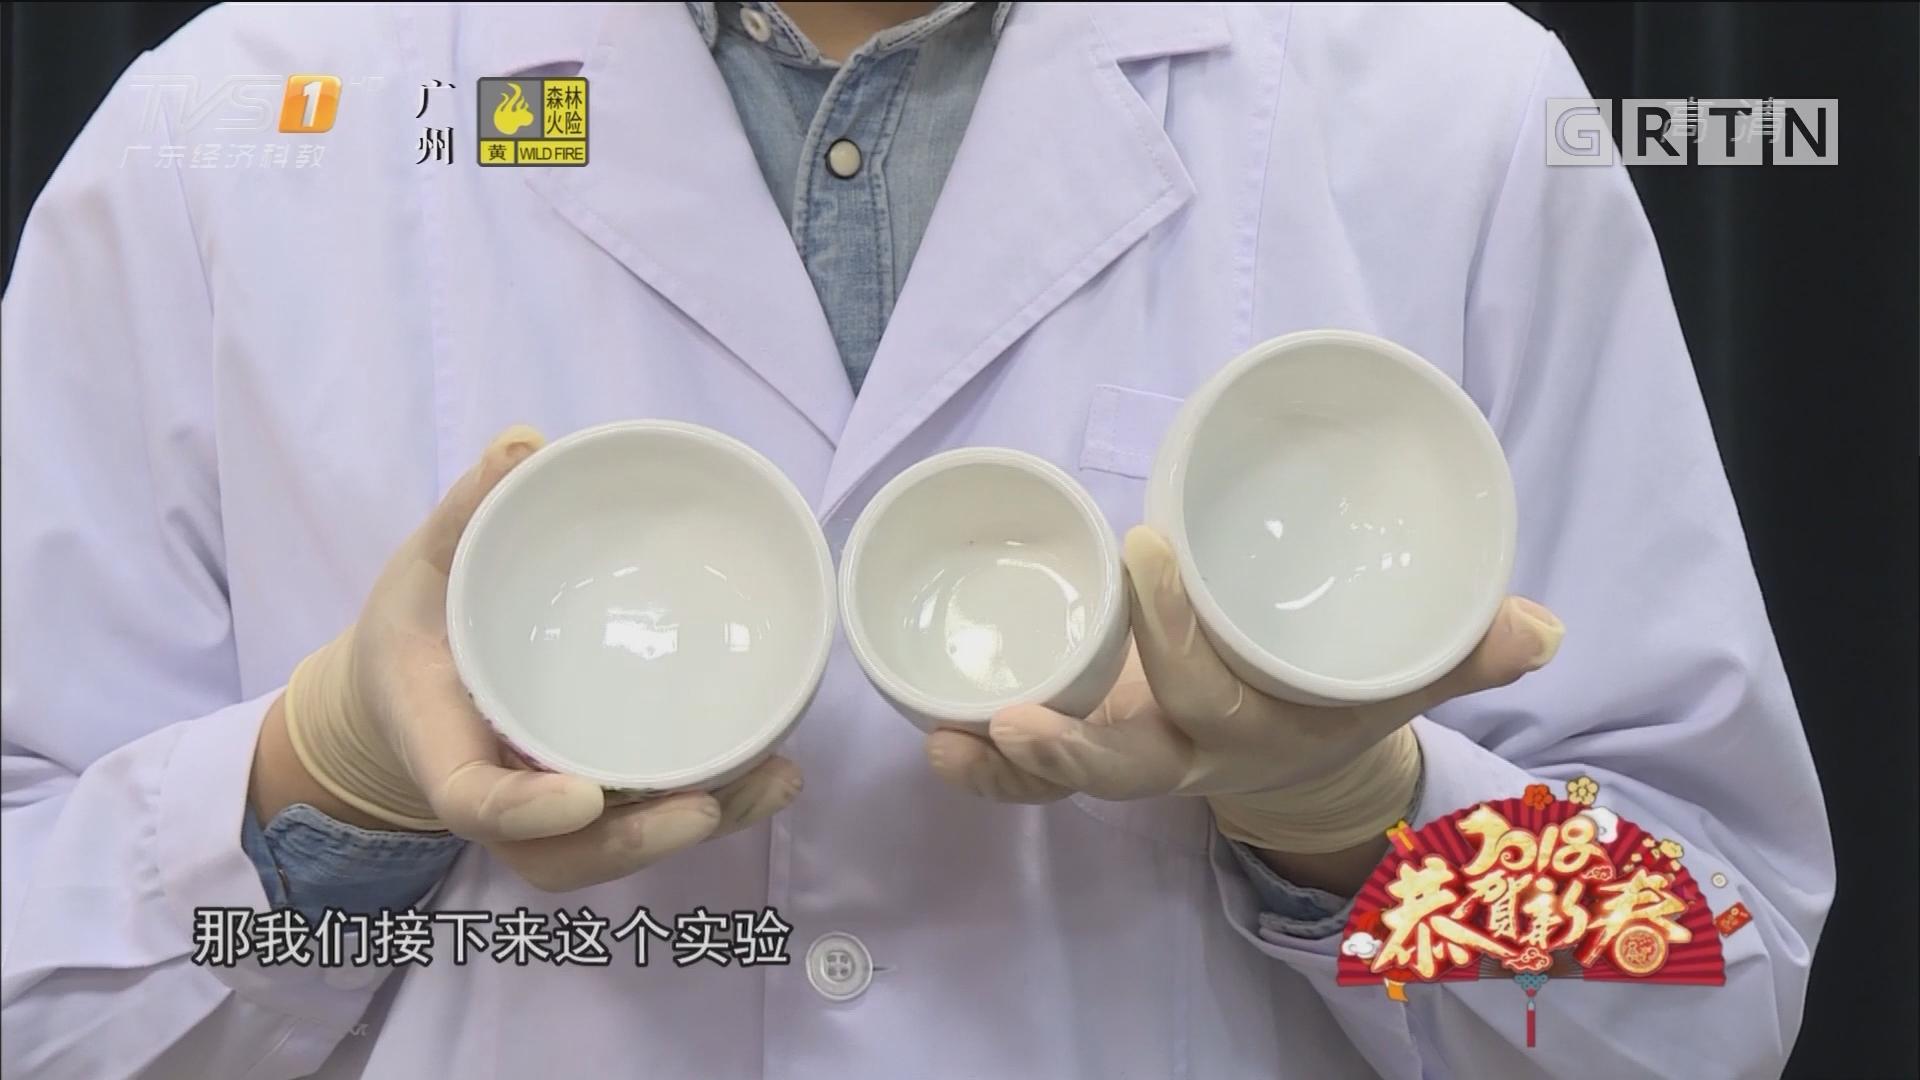 消毒餐具真的干净吗?